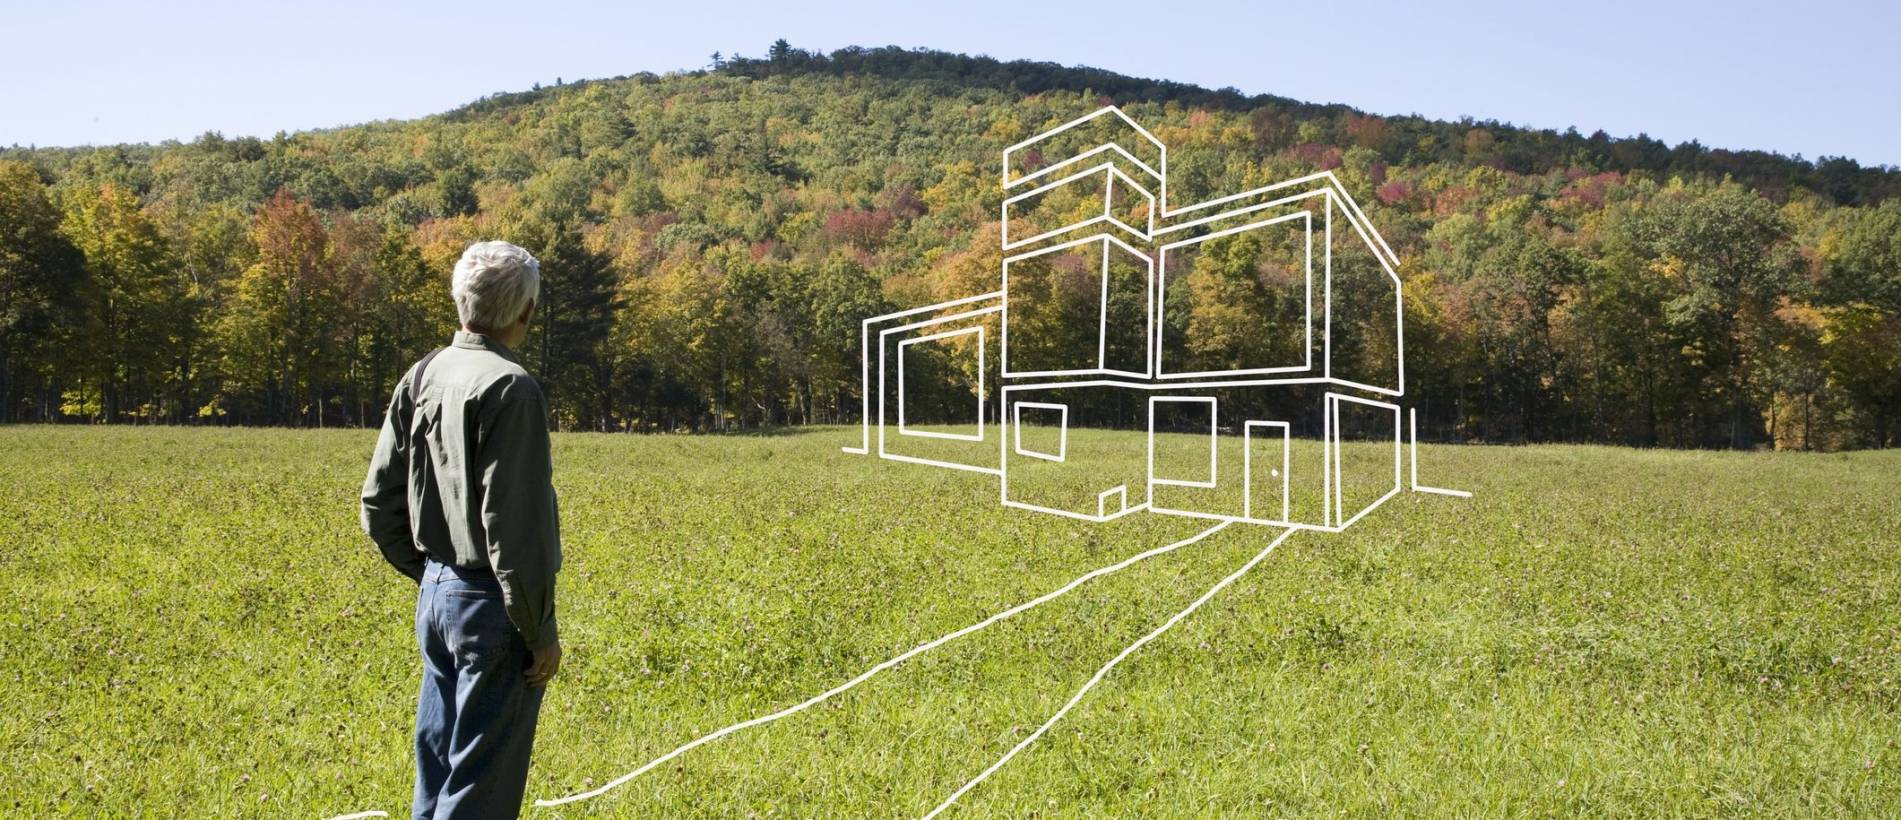 Как правильно взять земельный участок в аренду под строительство жилого дома, чтоб не возникло никаких проблем?